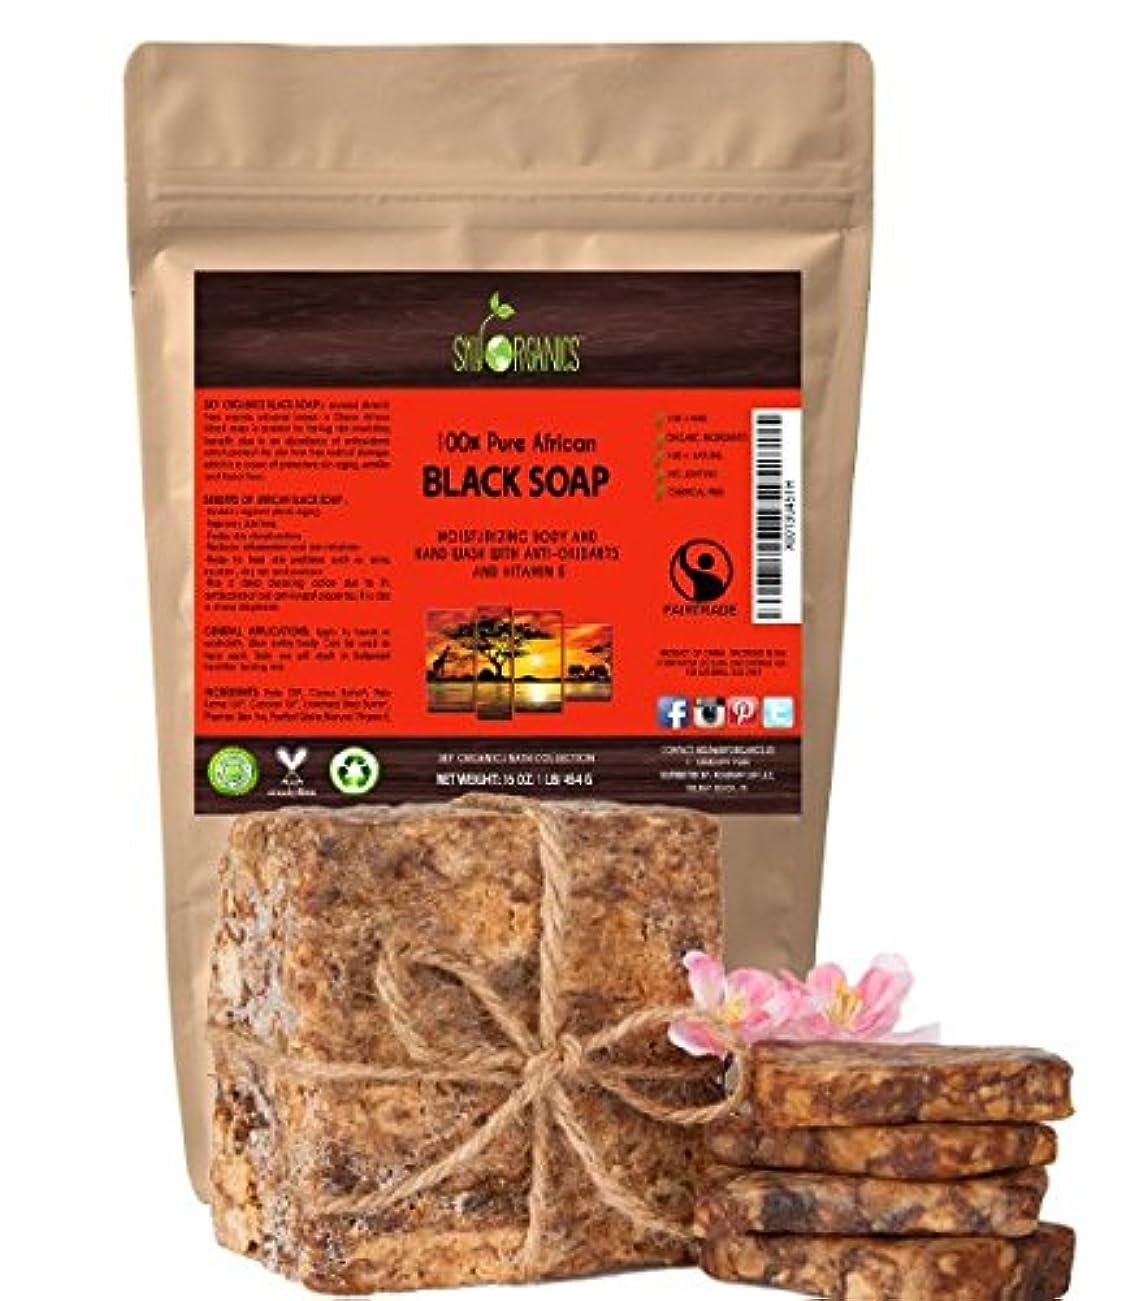 真実に思いつくラテン切って使う オーガニック アフリカン ブラックソープ (約4563gブロック)Organic African Black Soap (16oz block) - Raw Organic Soap Ideal for Acne...